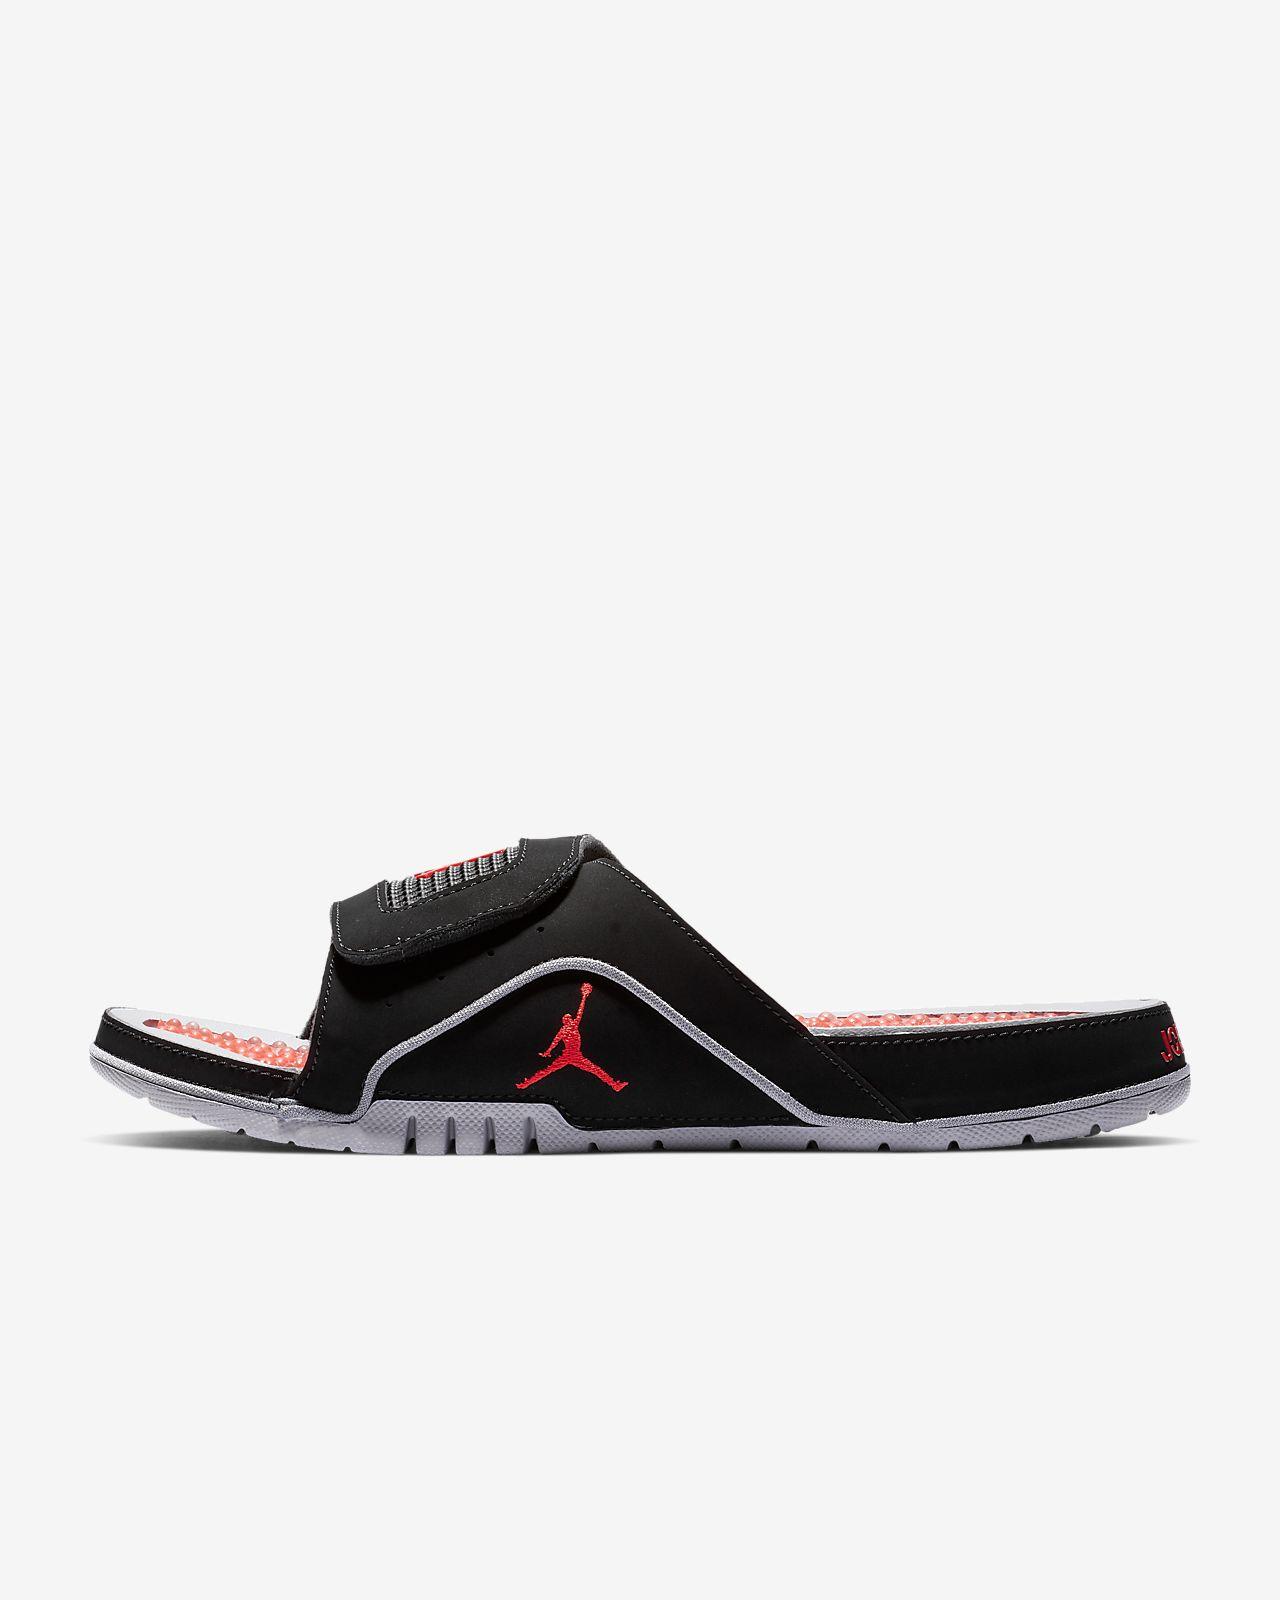 0c7db95be32 Jordan Hydro 4 Retro Men's Slide. Nike.com